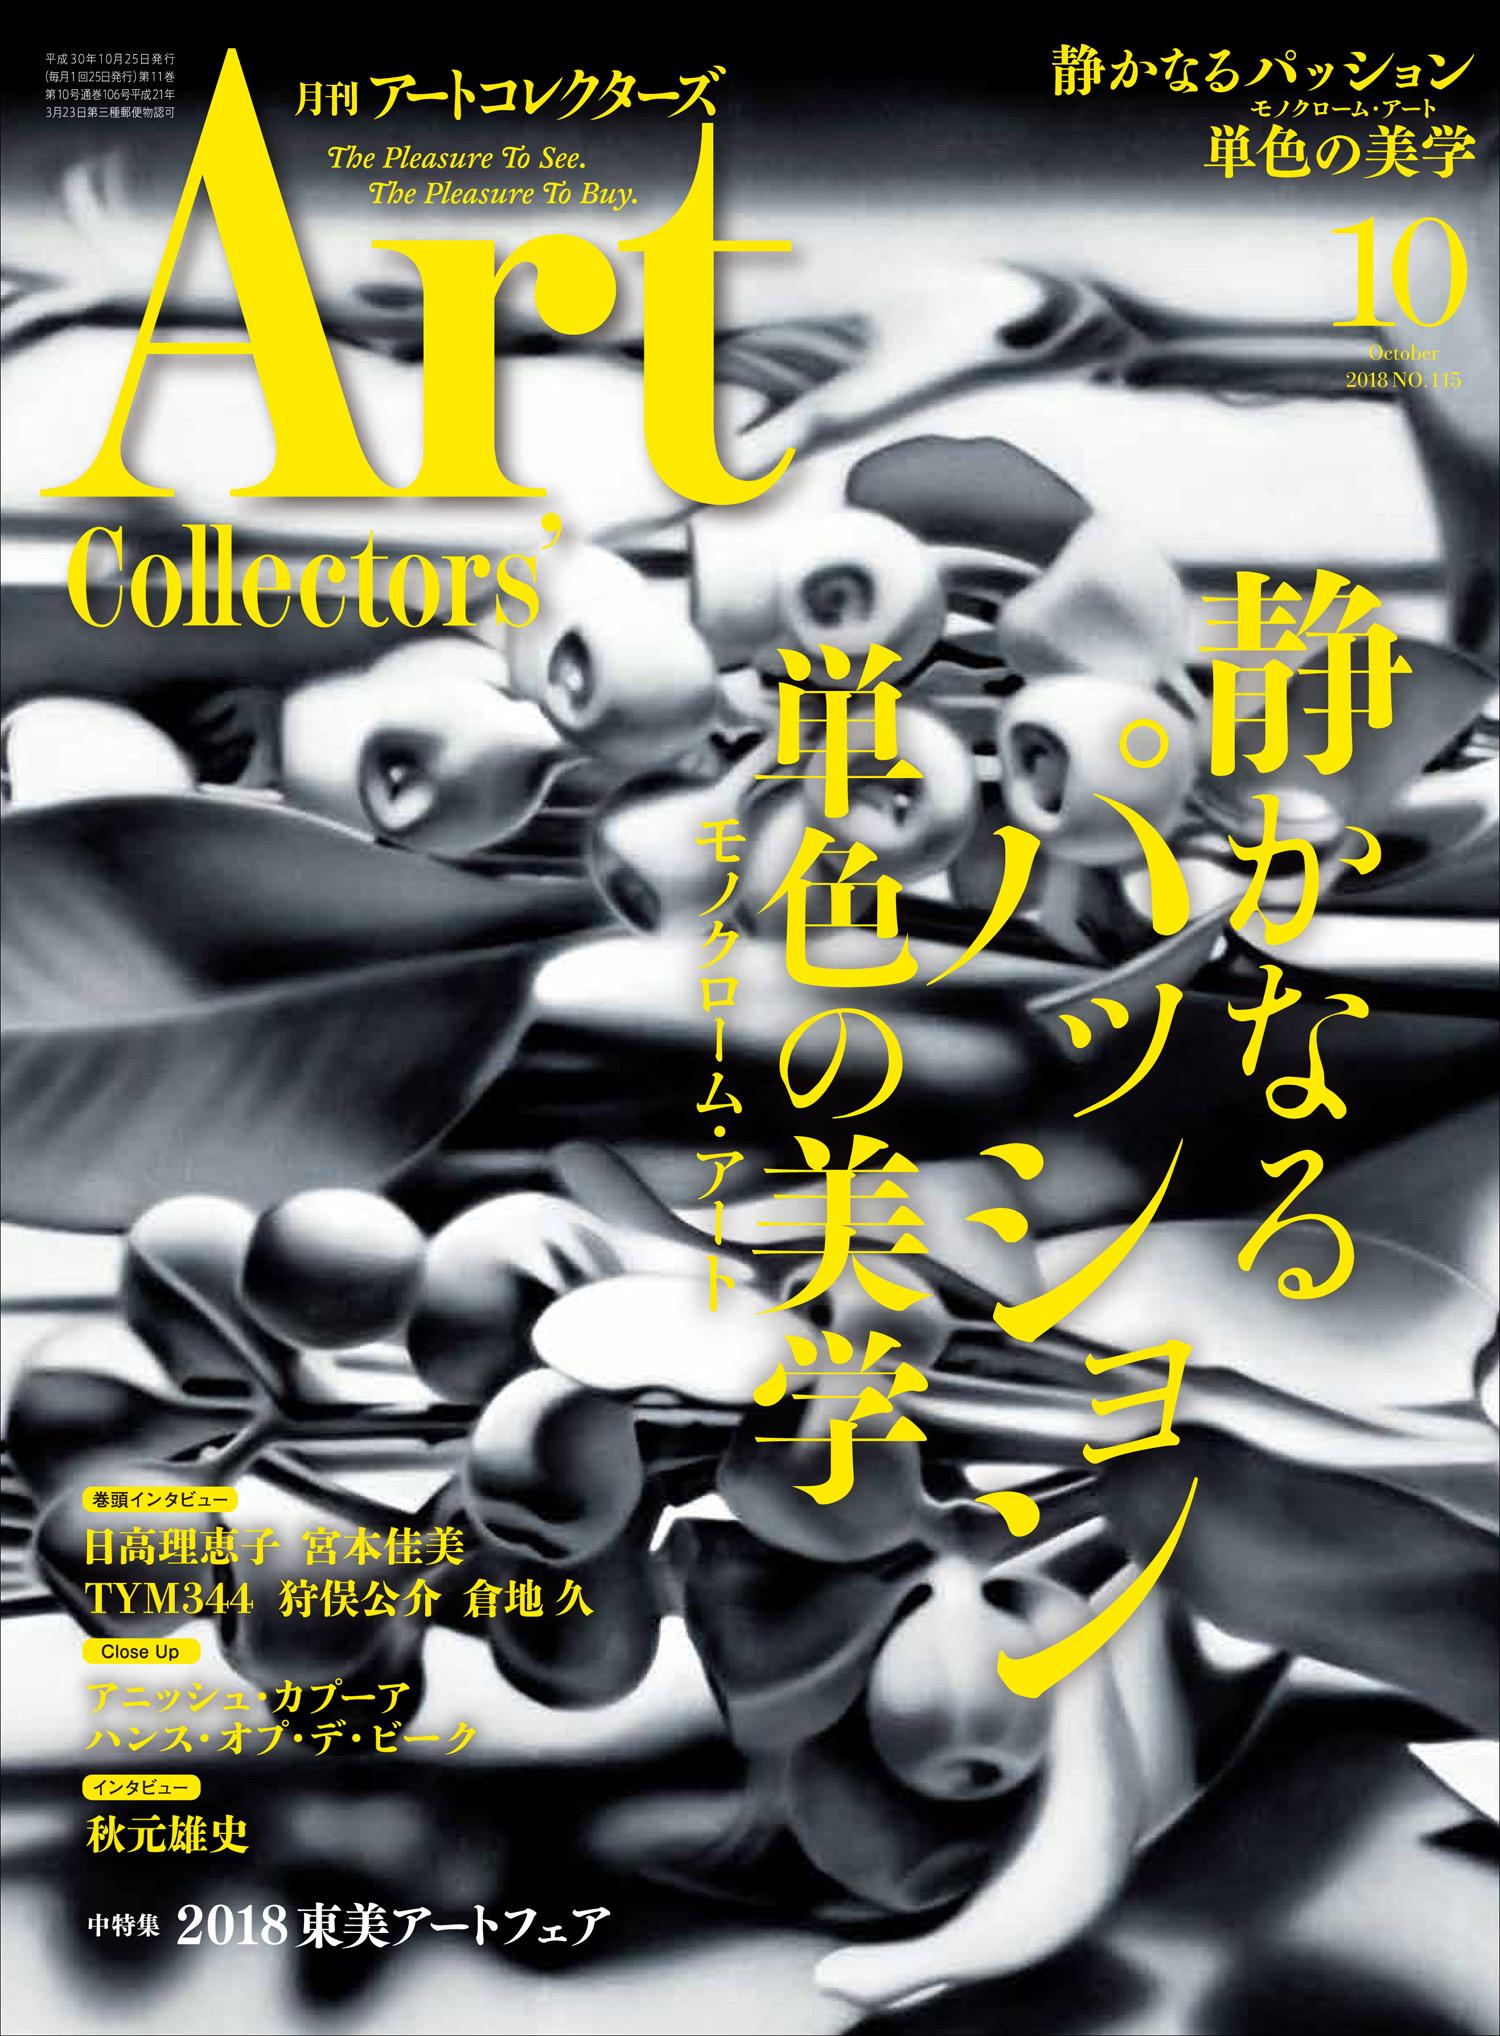 「アートコレクターズ」10月号 にインタビュー記事掲載